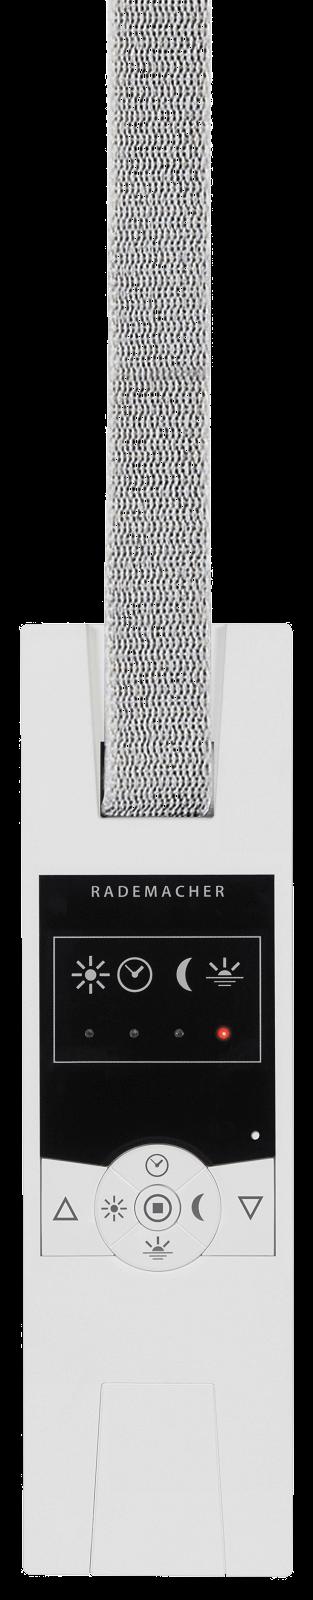 Rademacher Funk-Gurtwickler RolloTron Standard 1400 Unterputz, Maxi-Gurte (23 mm Breite) DuoFern